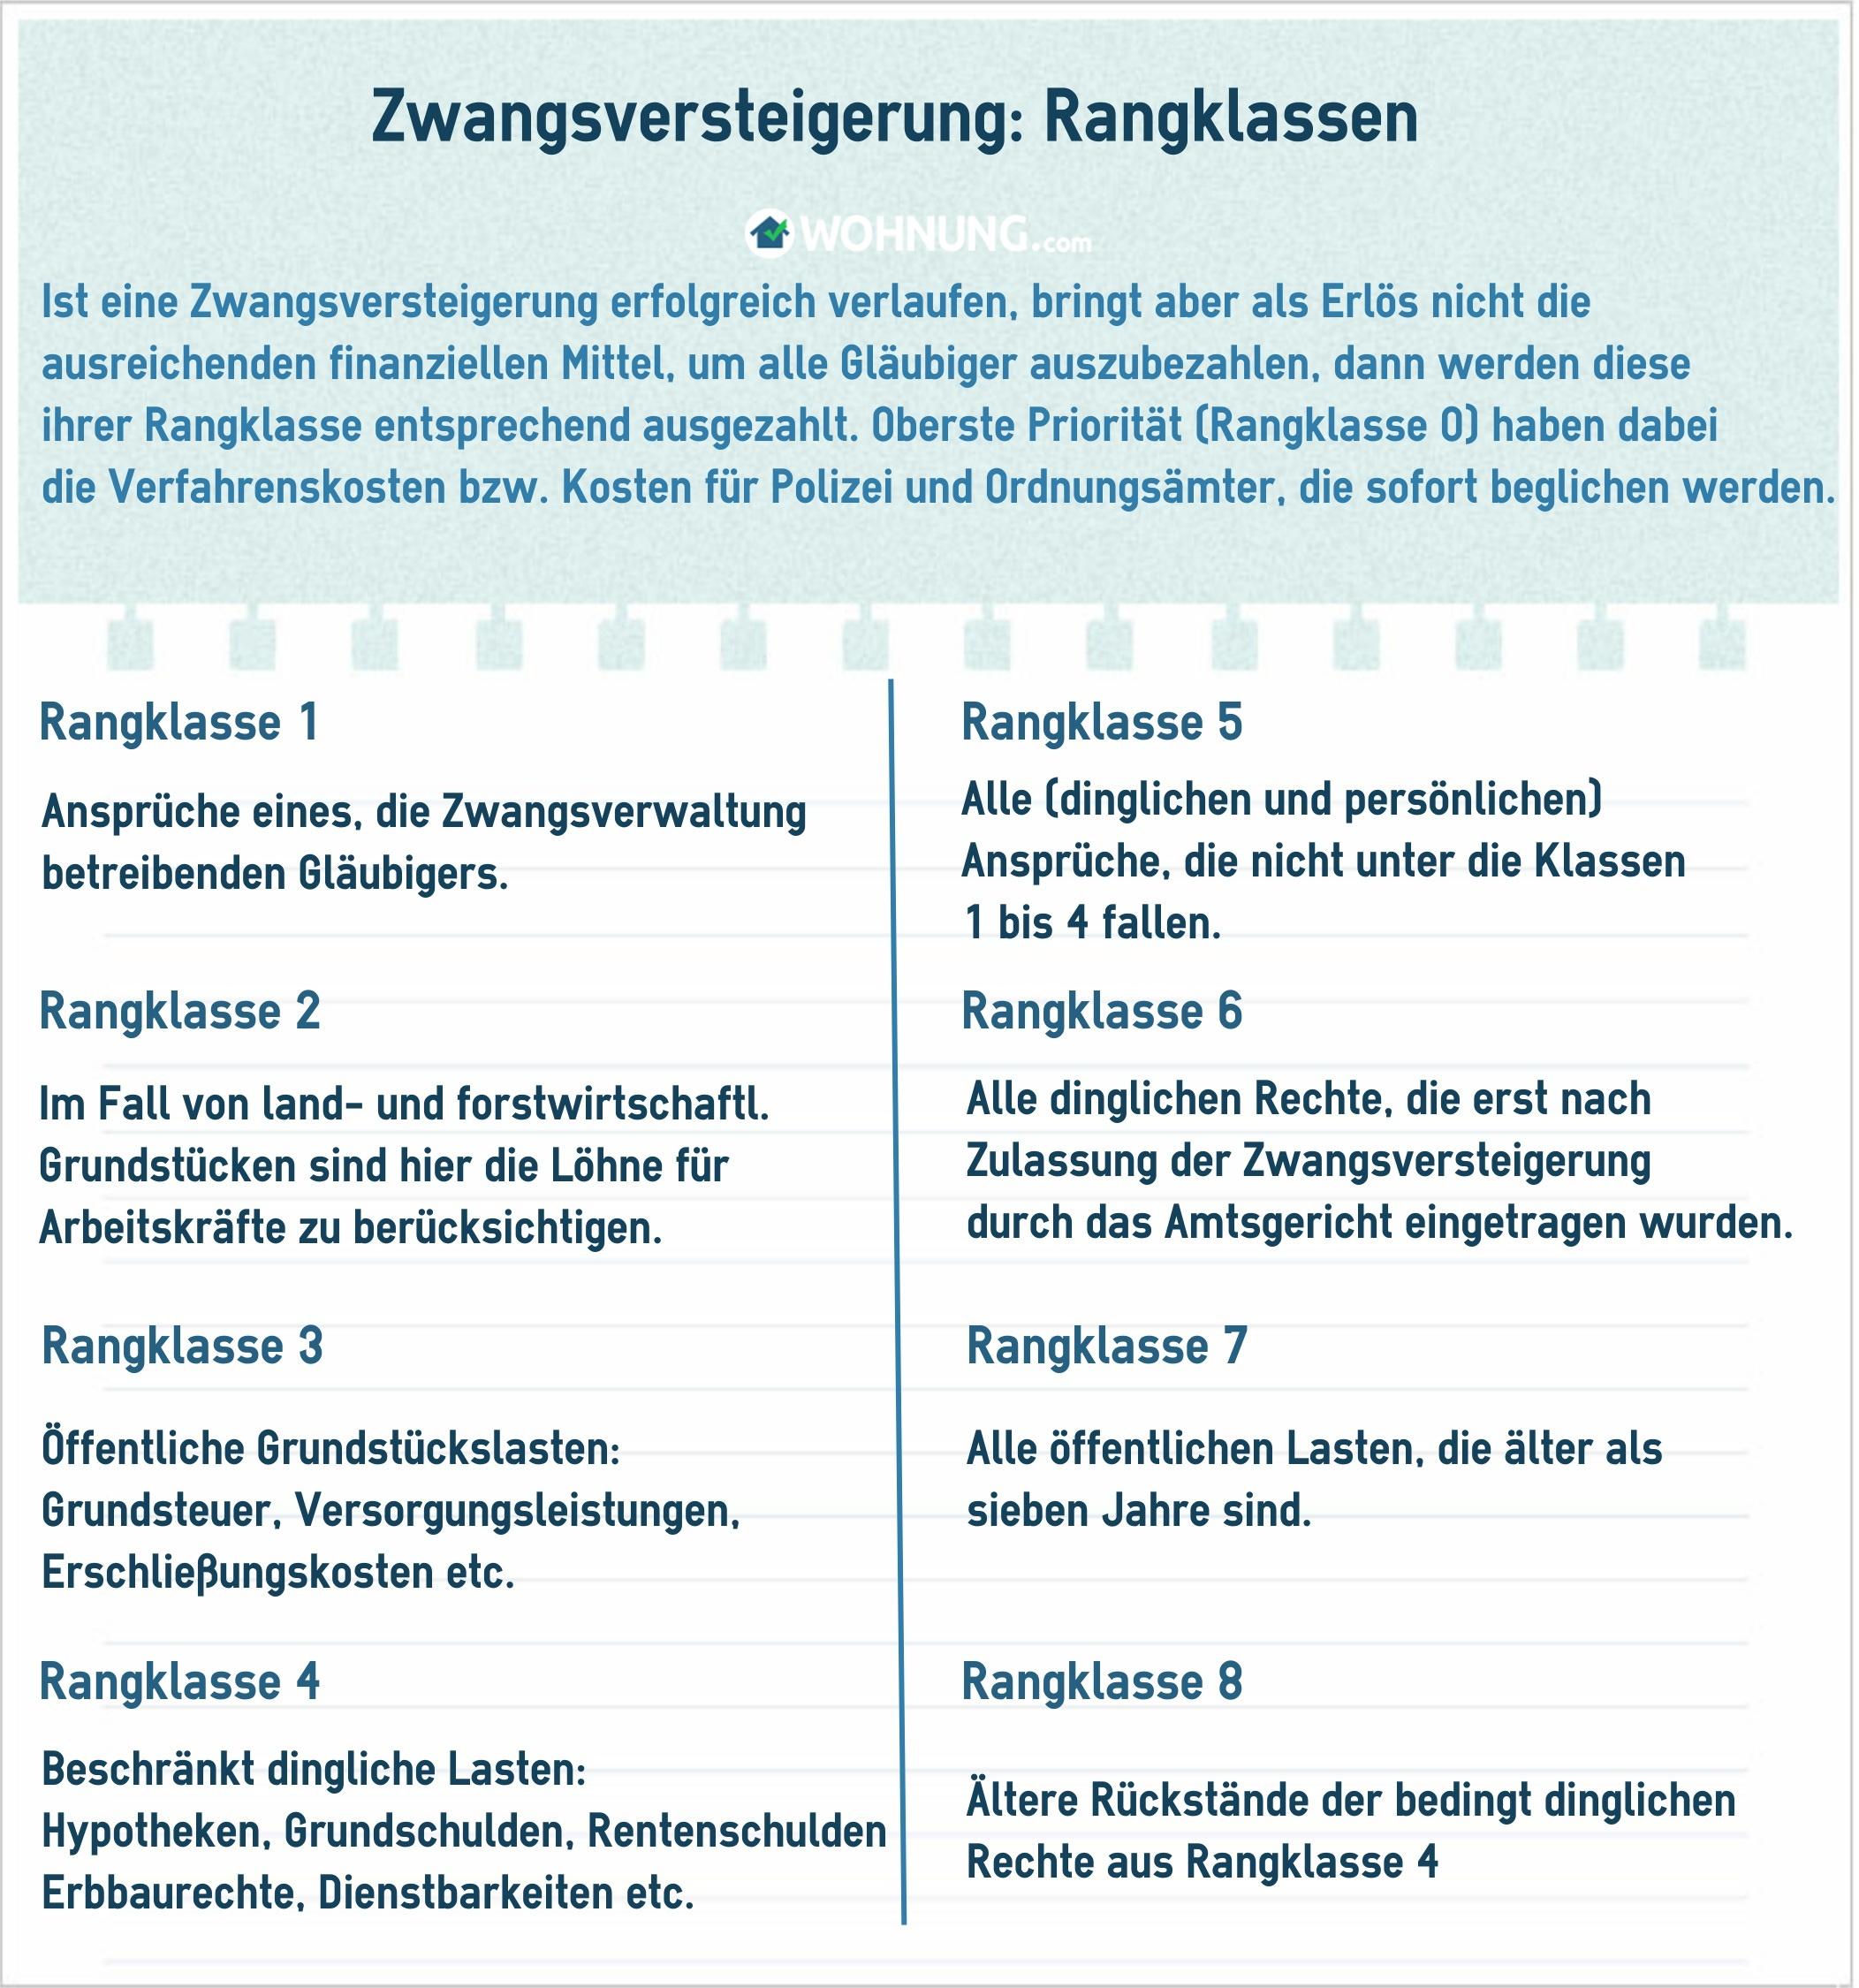 Haus Zwangsversteigerungen Ablauf : ablauf einer zwangsversteigerung ratgeber ~ A.2002-acura-tl-radio.info Haus und Dekorationen